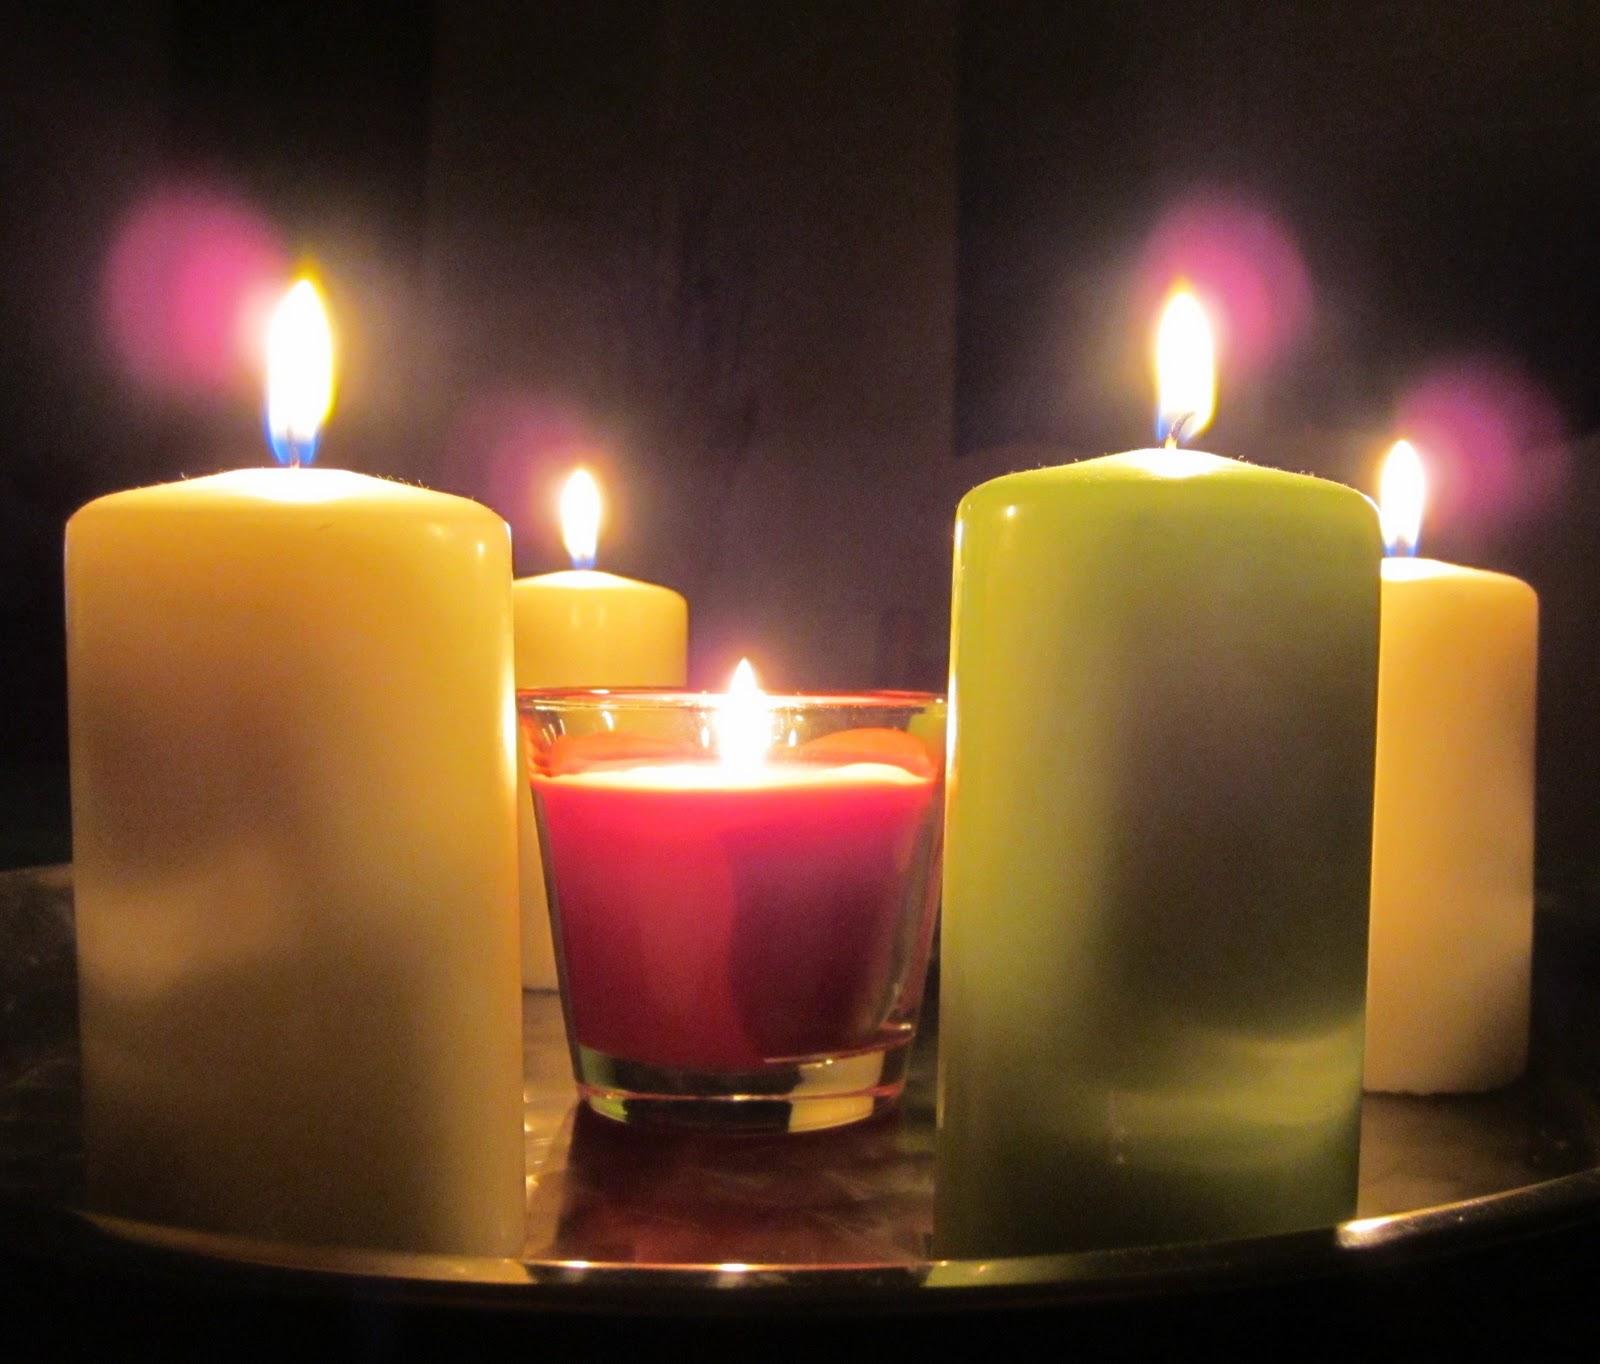 photowo signification de la couleur des bougies. Black Bedroom Furniture Sets. Home Design Ideas